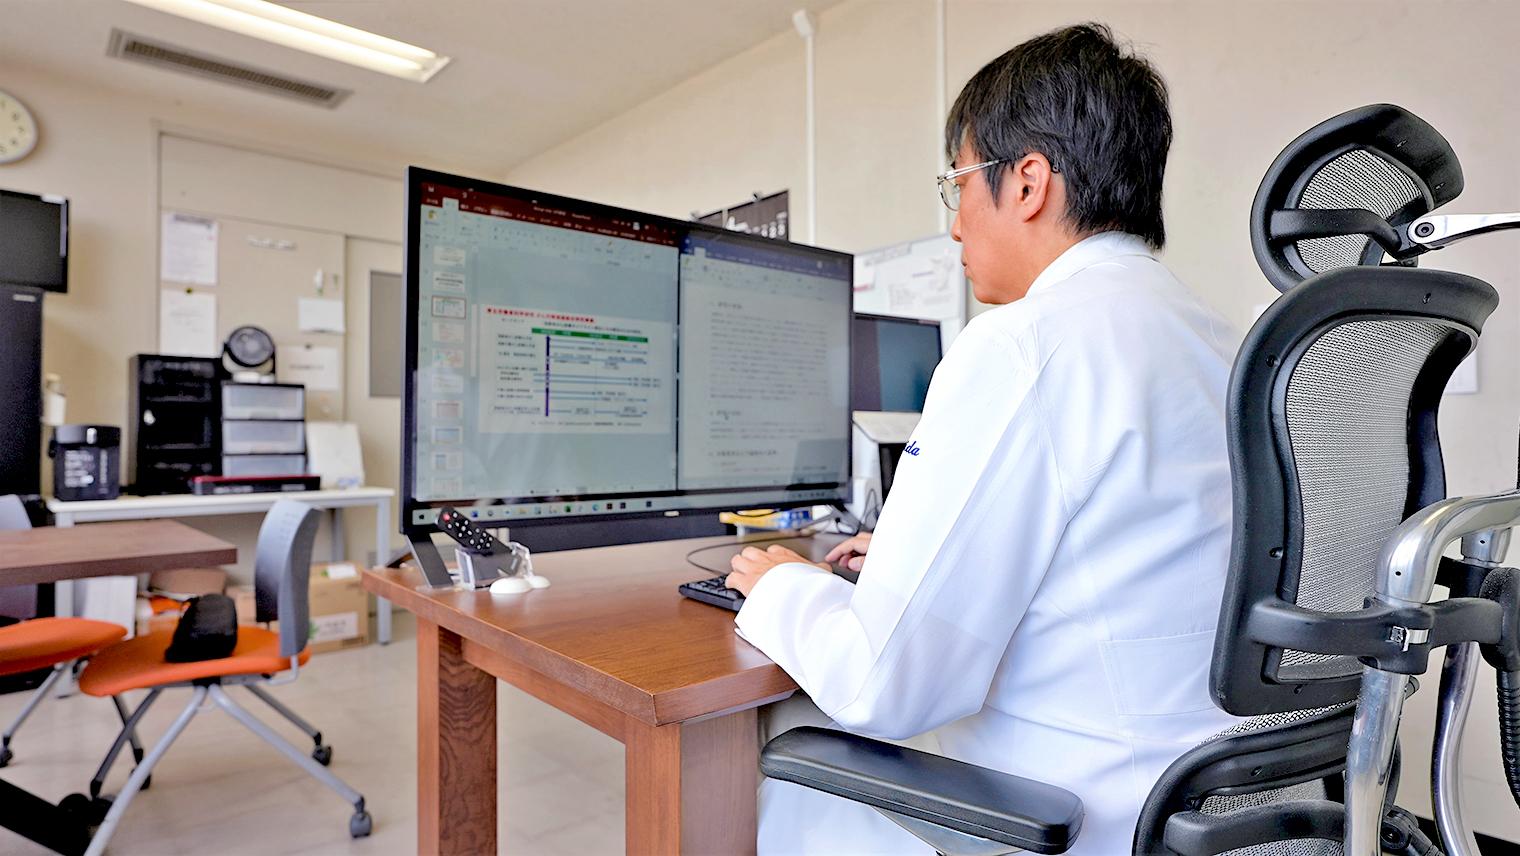 吉田先生が仕事場のパソコンで作業をしている写真